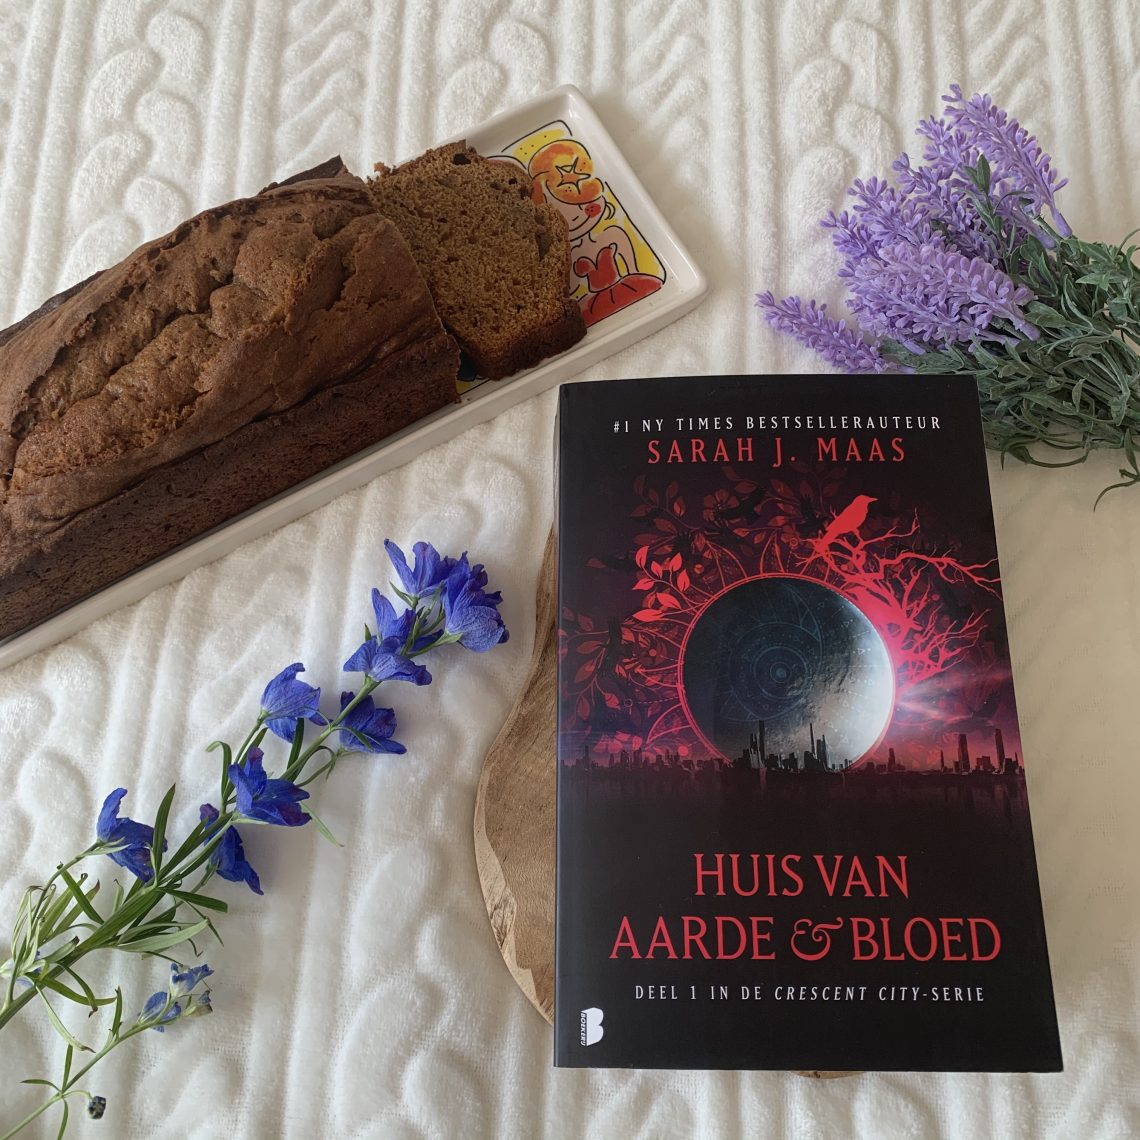 Boek Huis van aarde & bloed van Sarah J. Maas